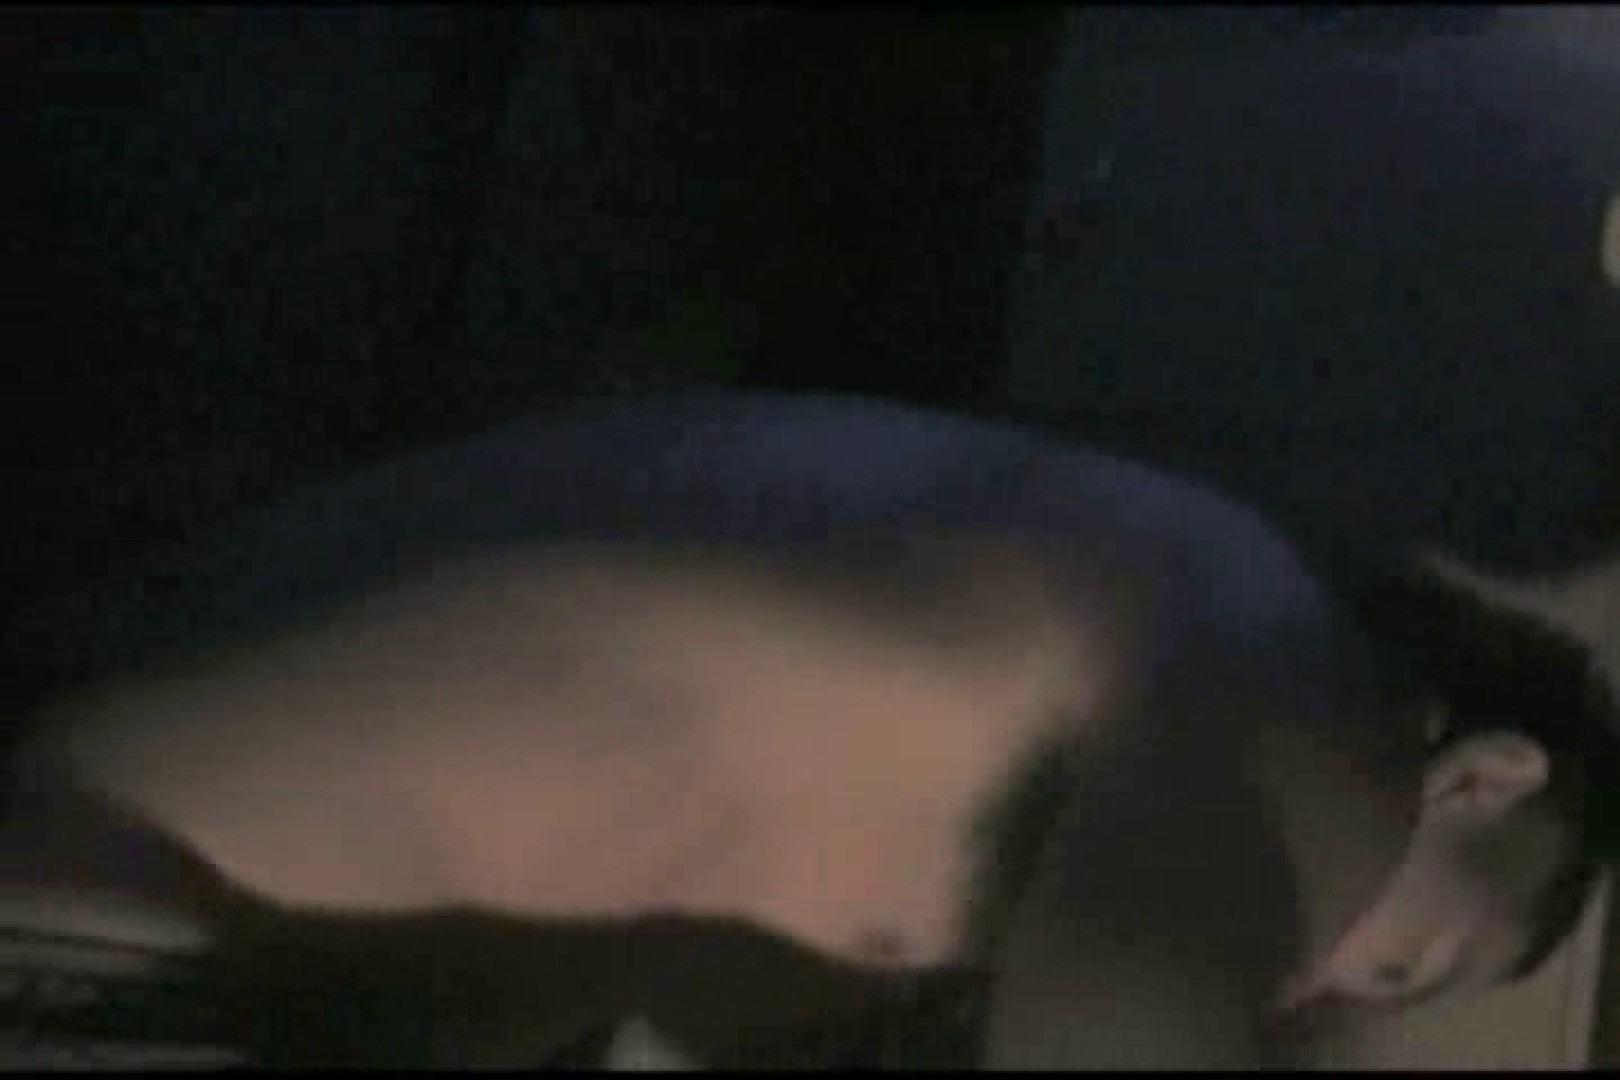 バーでパックン!!ガチムチ男子!! 無修正 | フェラ天国 エロビデオ紹介 78pic 1